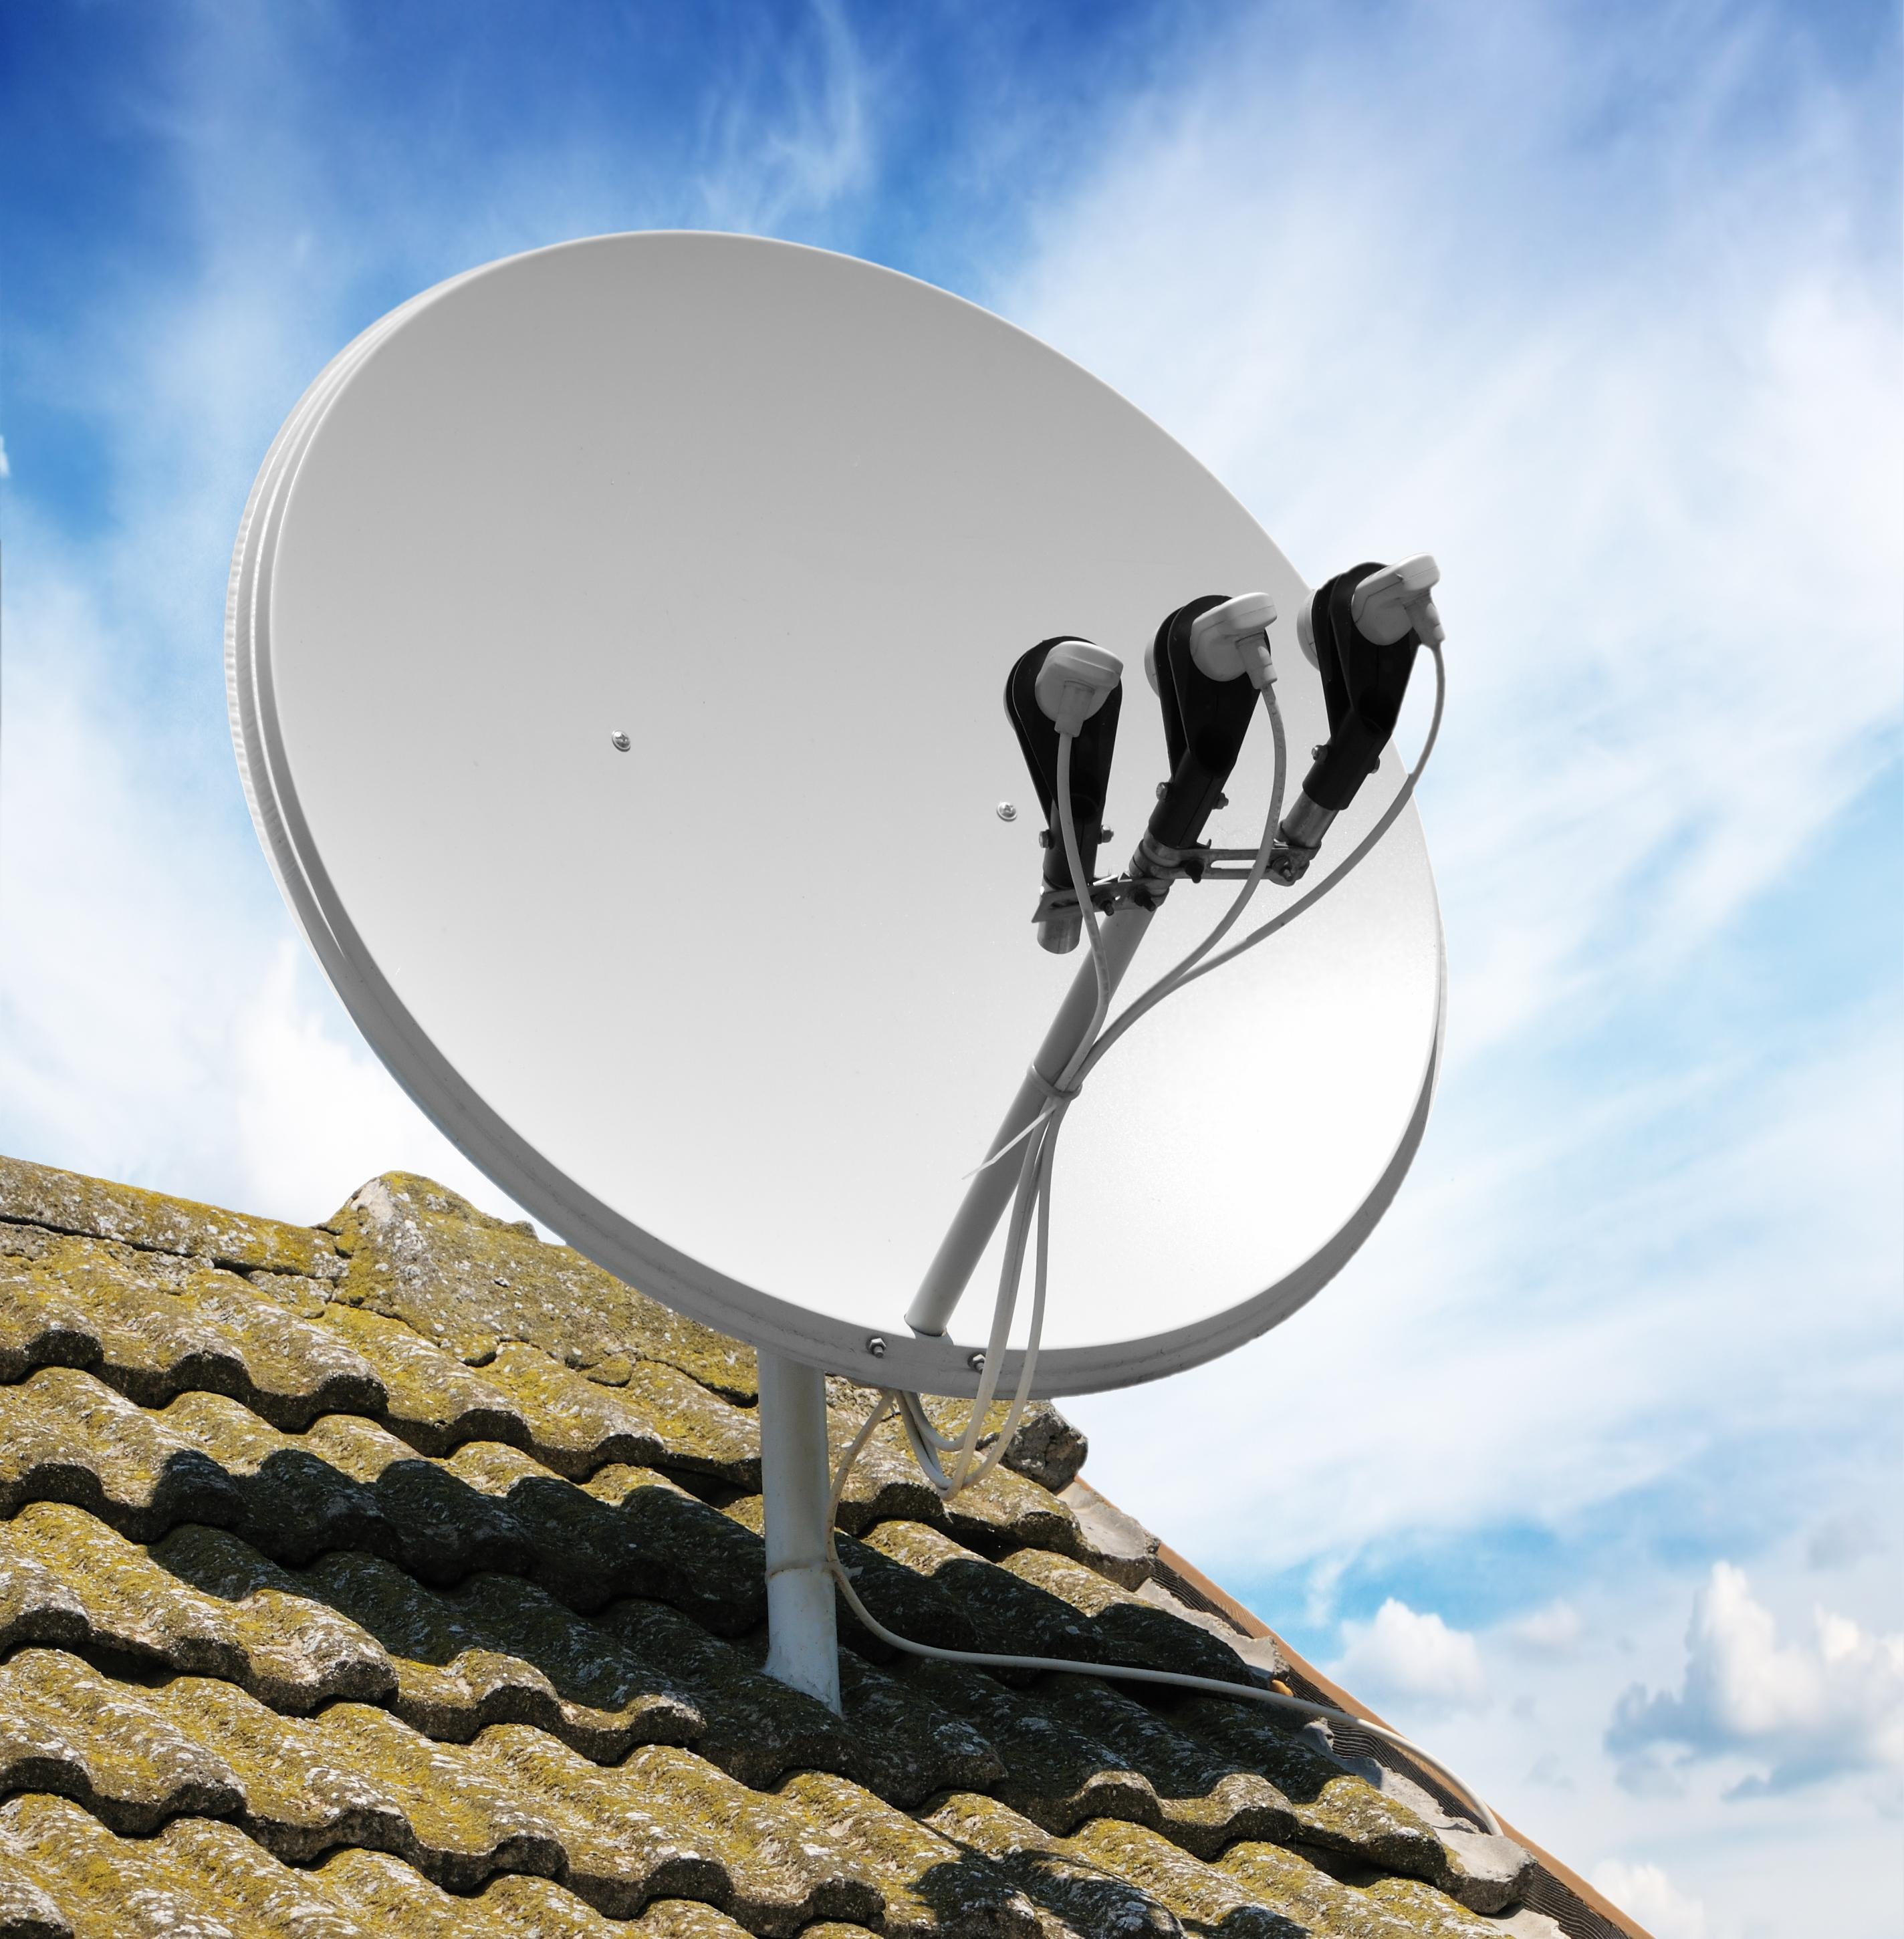 Как подключить спутниковую антенну своими руками